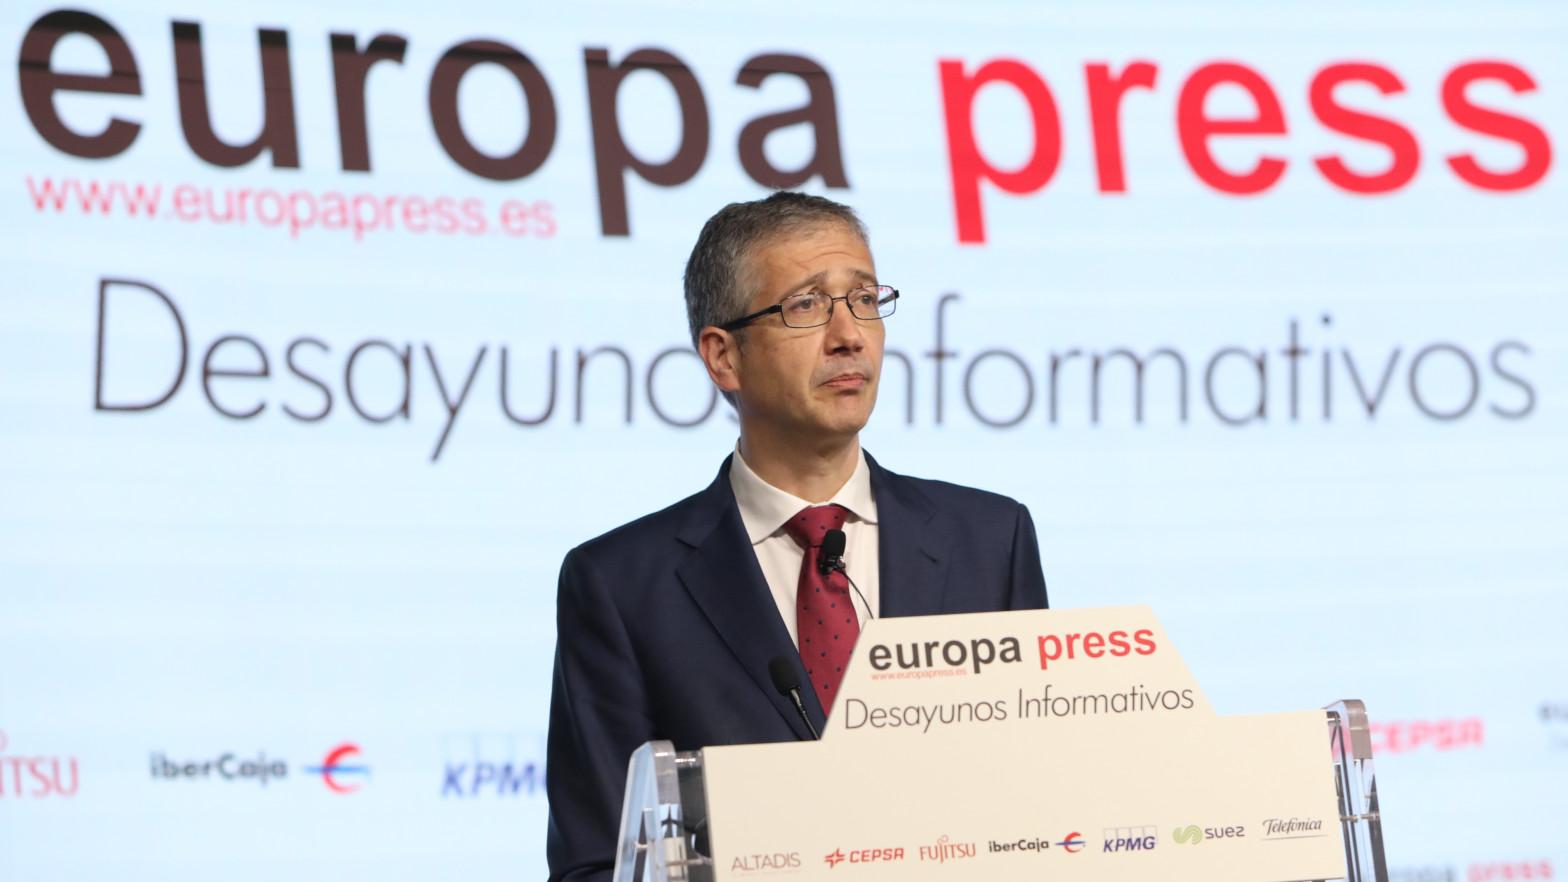 """El gobernador del Banco de España advierte de que los fondos europeos no pueden ser """"sustitutivos"""" de las reformas estructurales"""